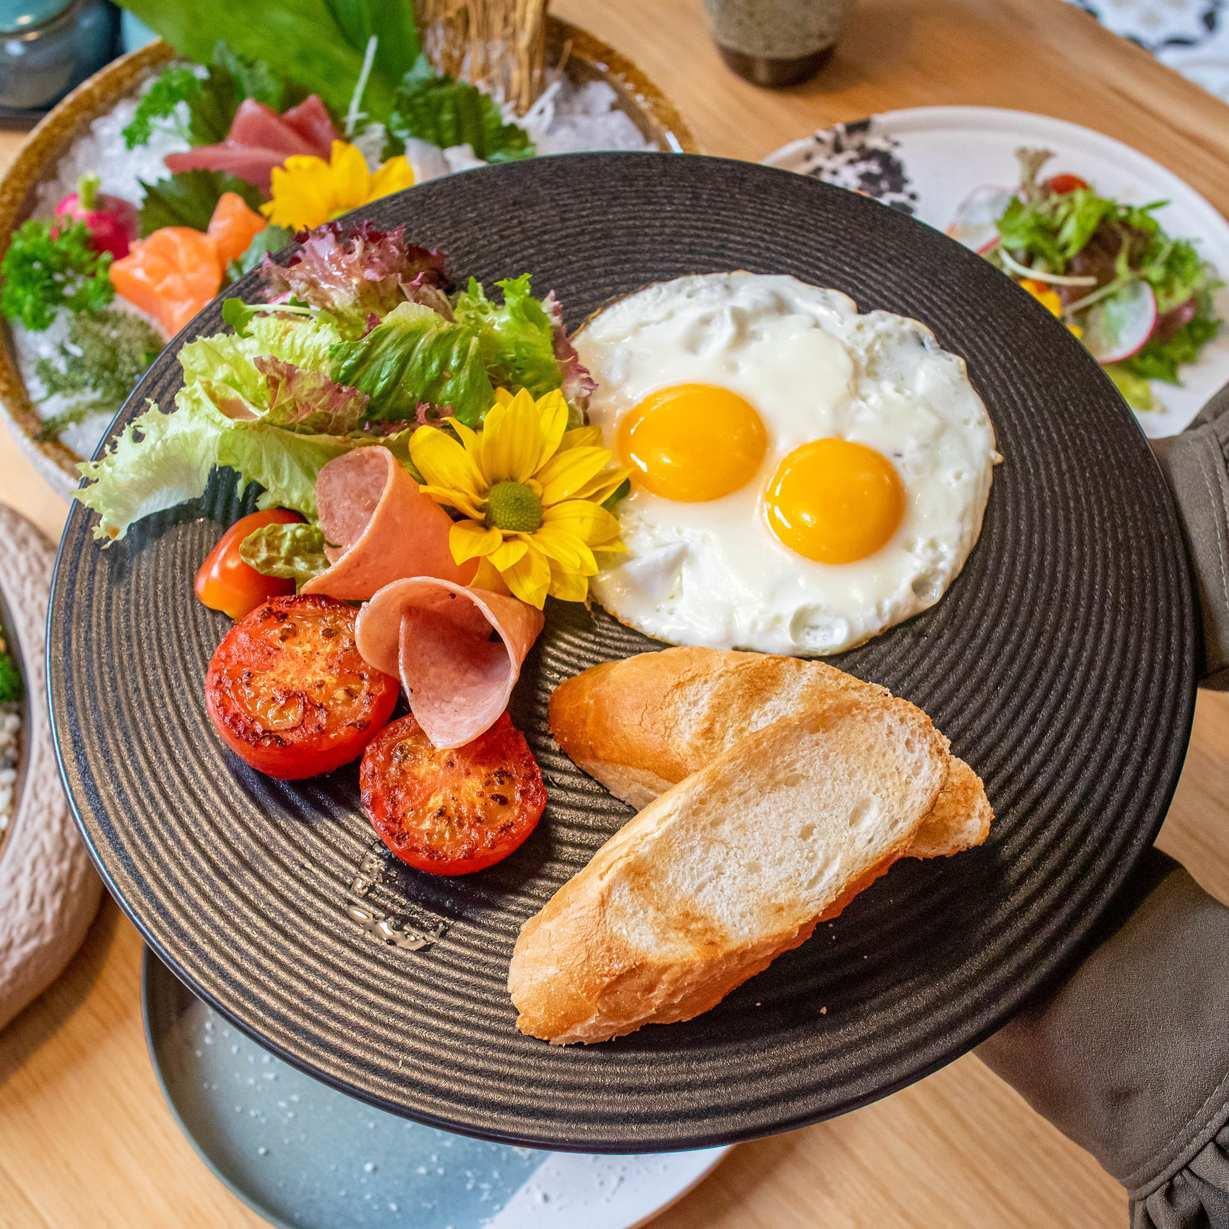 jako restaurant break fast fried eggs